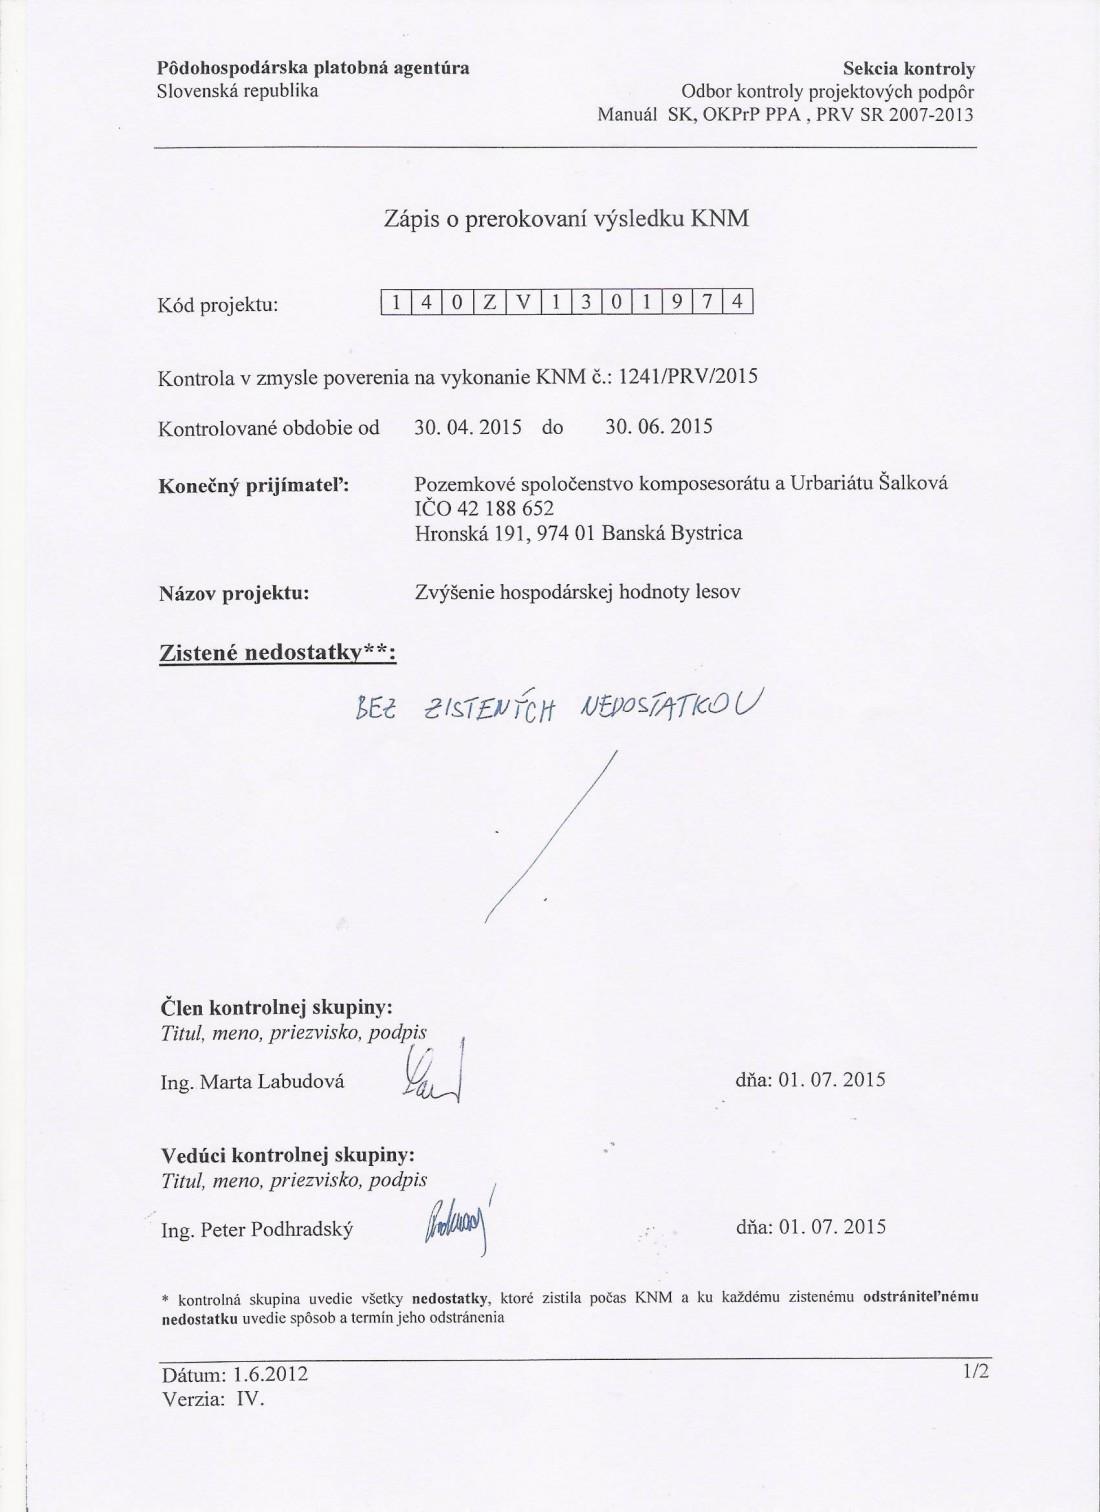 30.6.2015 Zápis z výsledku kontroly Projekt č. 1.4 - auto, strana č. 1